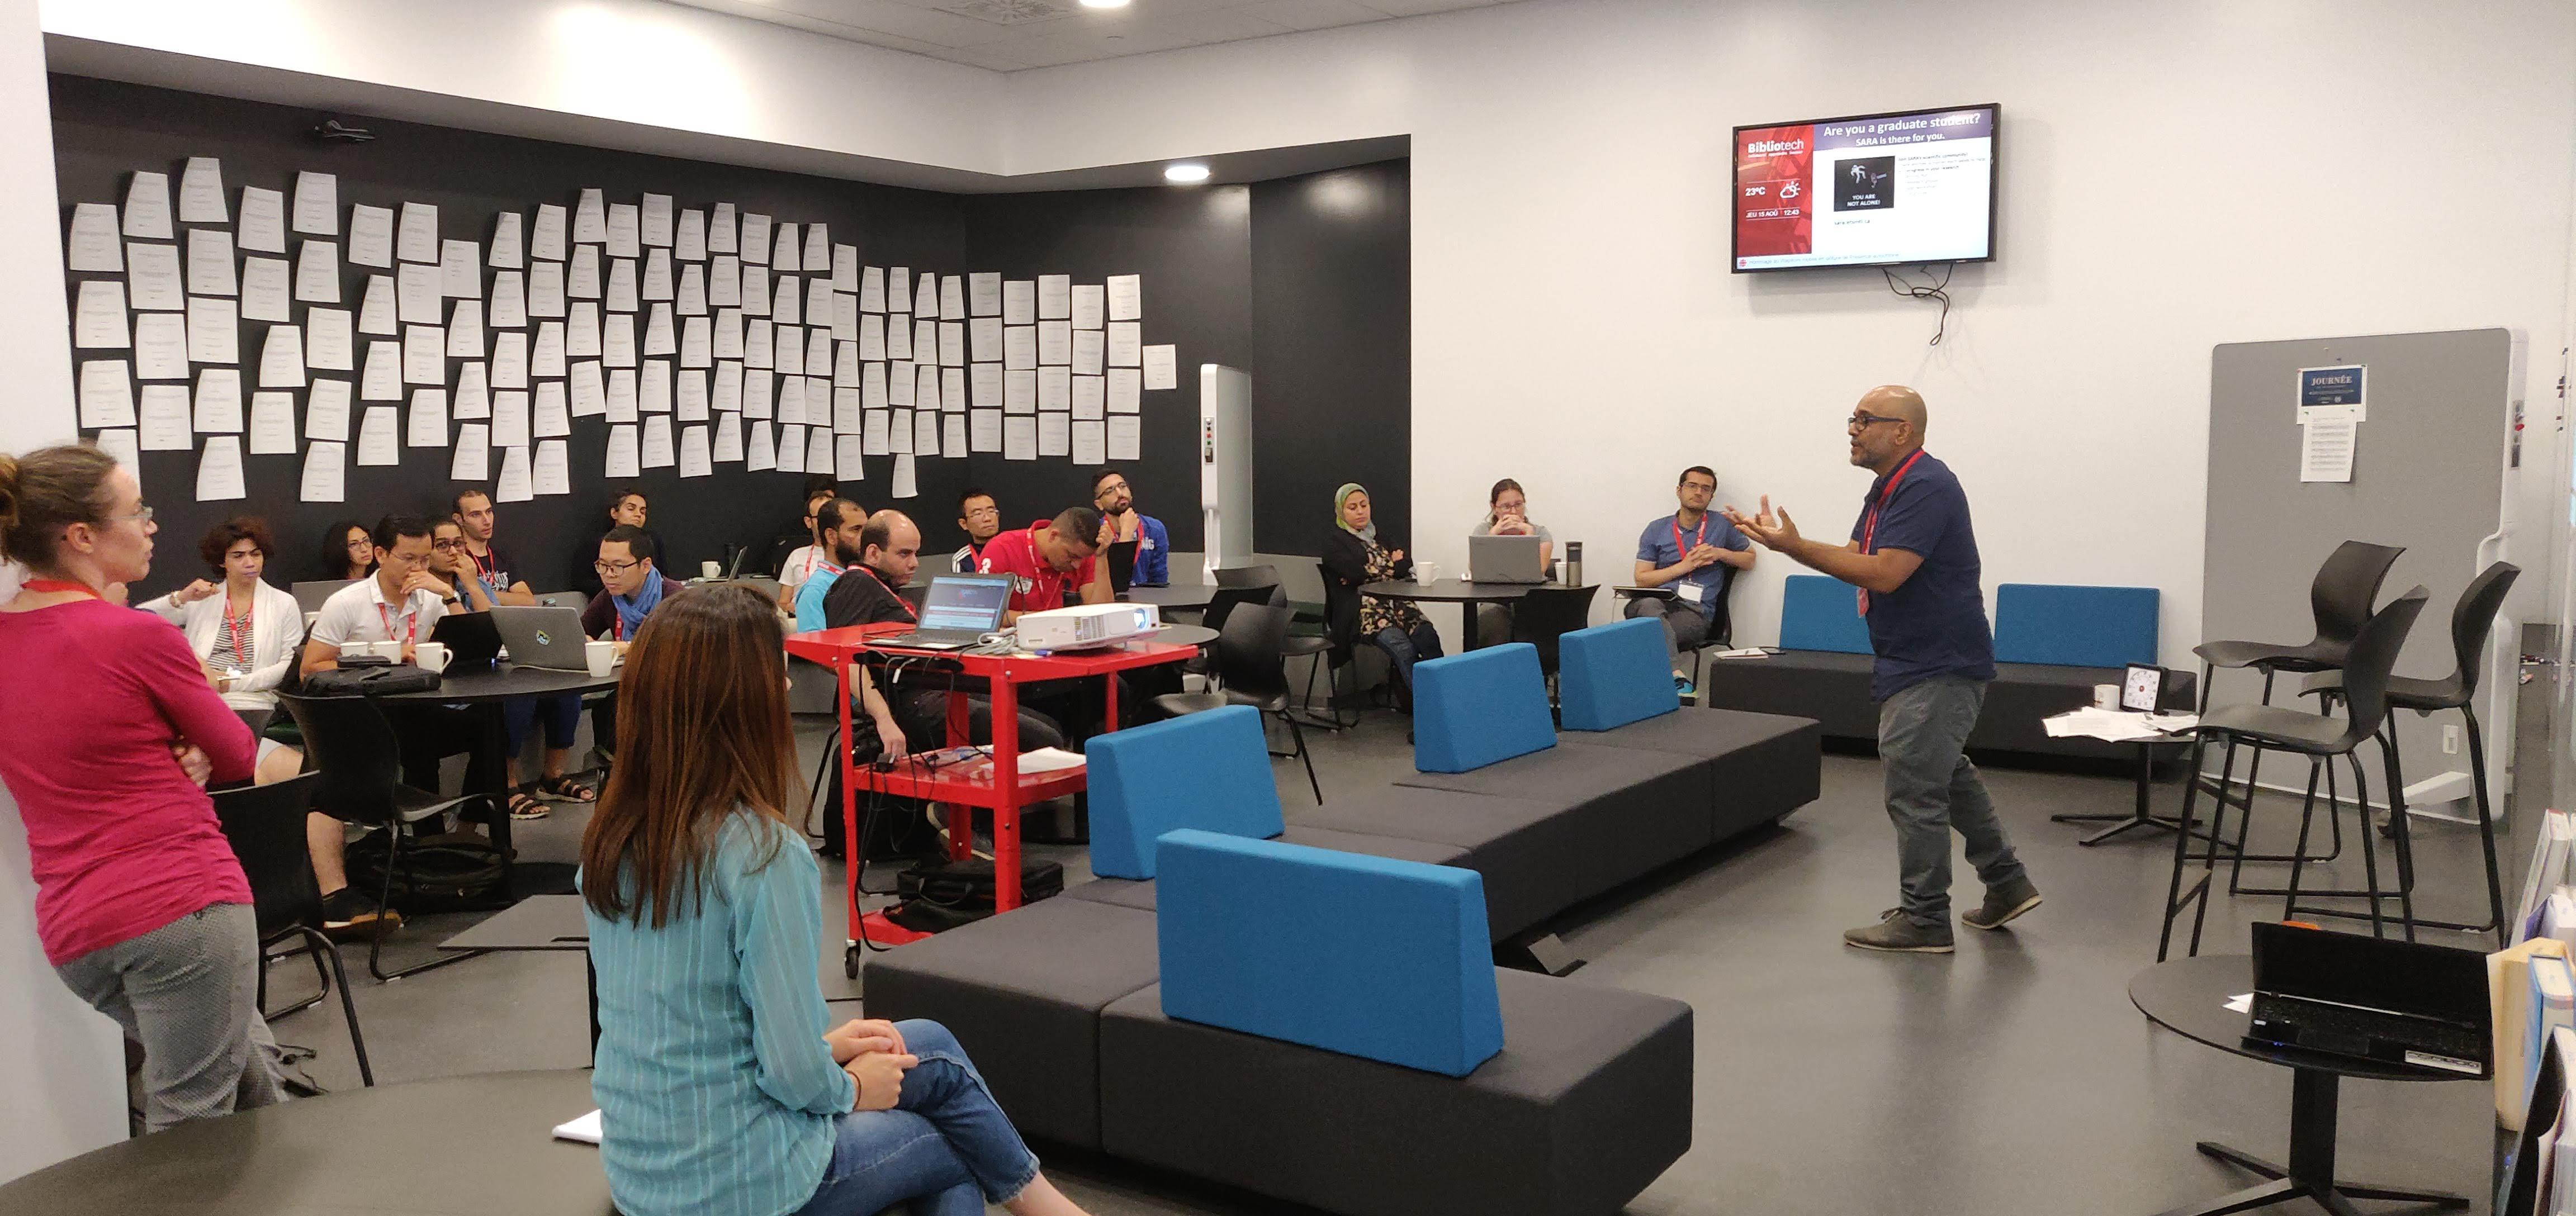 SARA Ateliers éclair | SARA Flash Workshops : Être concis / Be concise